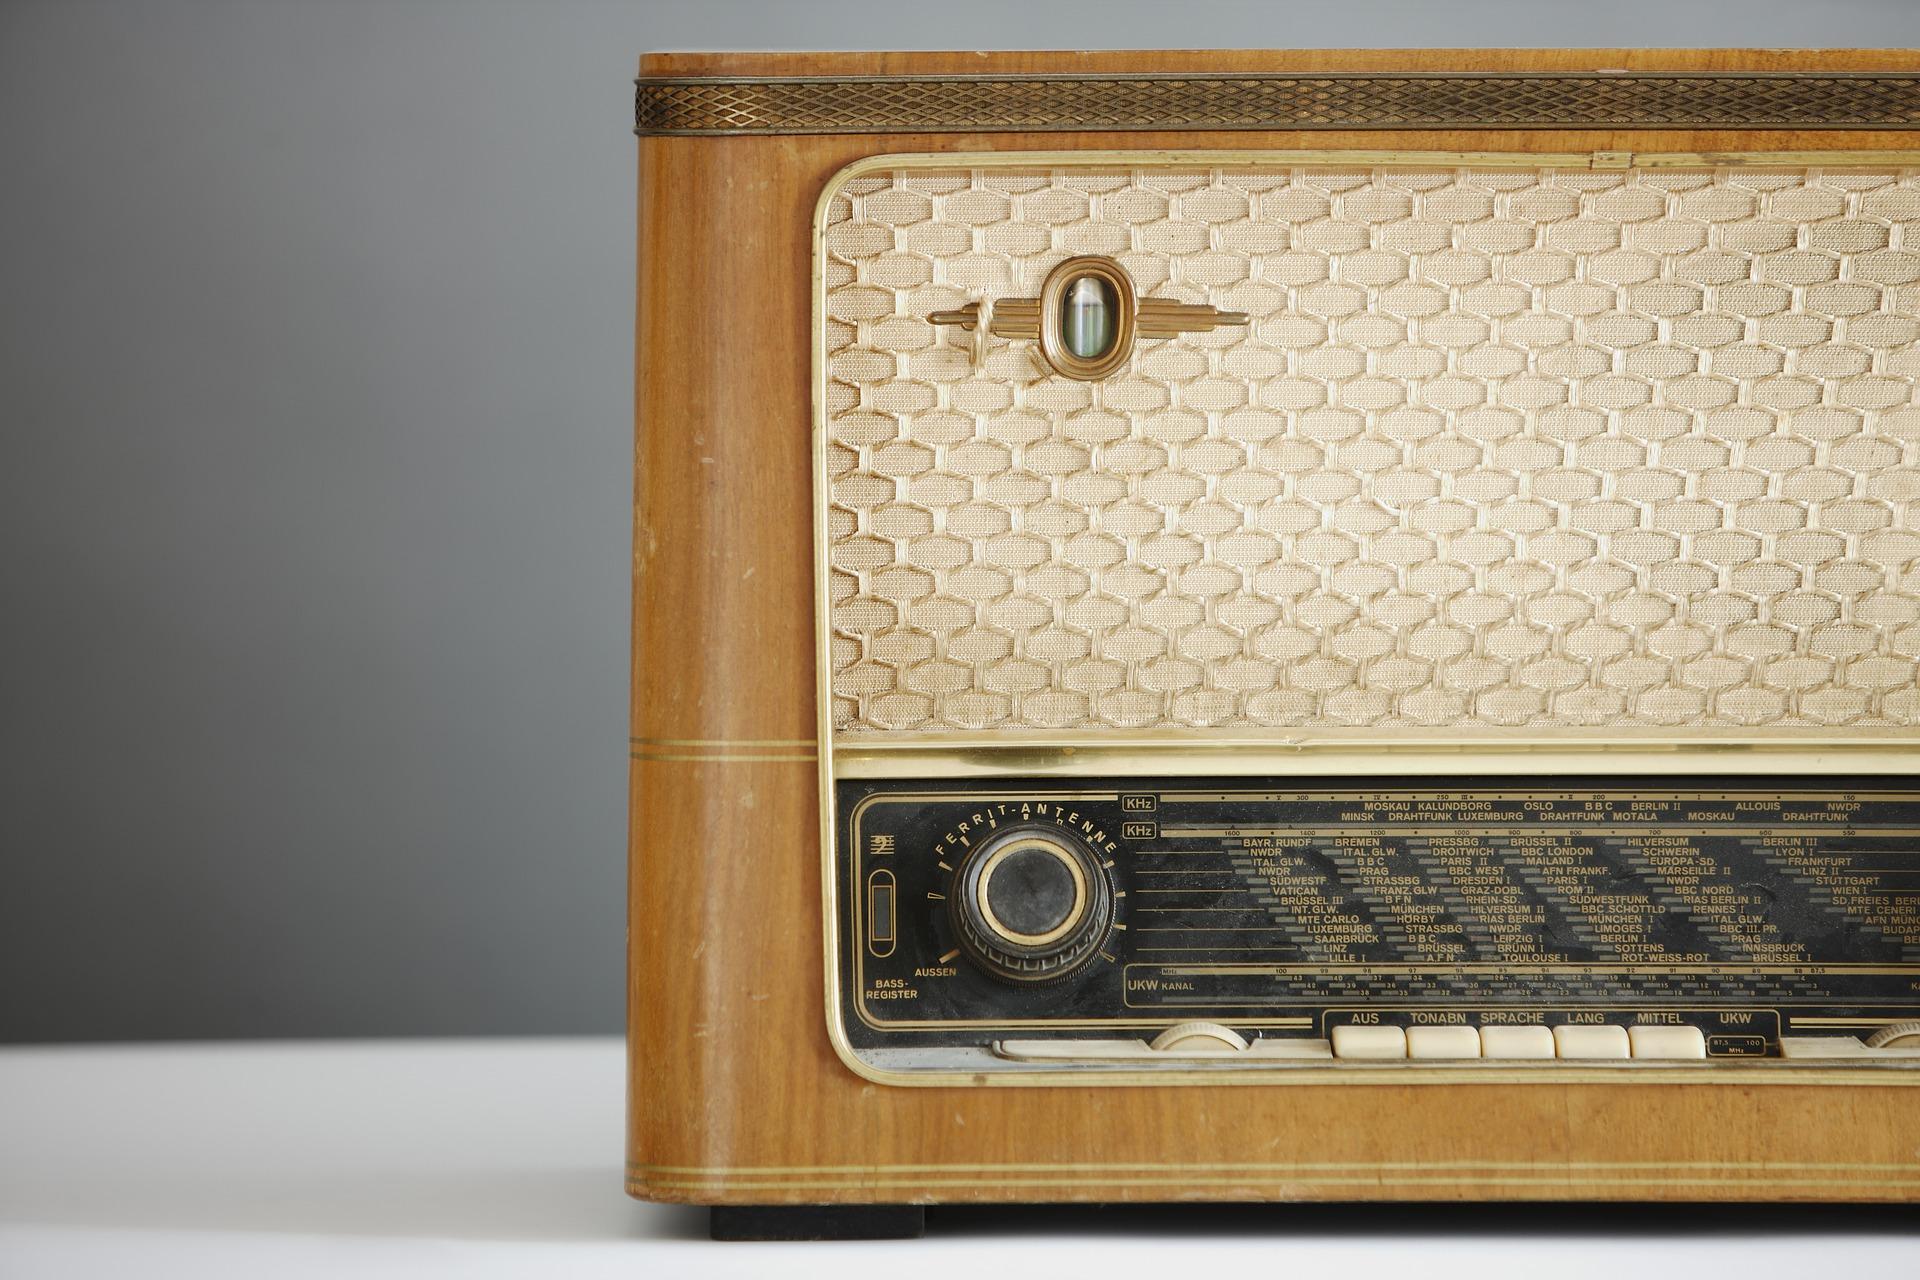 FON Radiobeiträge